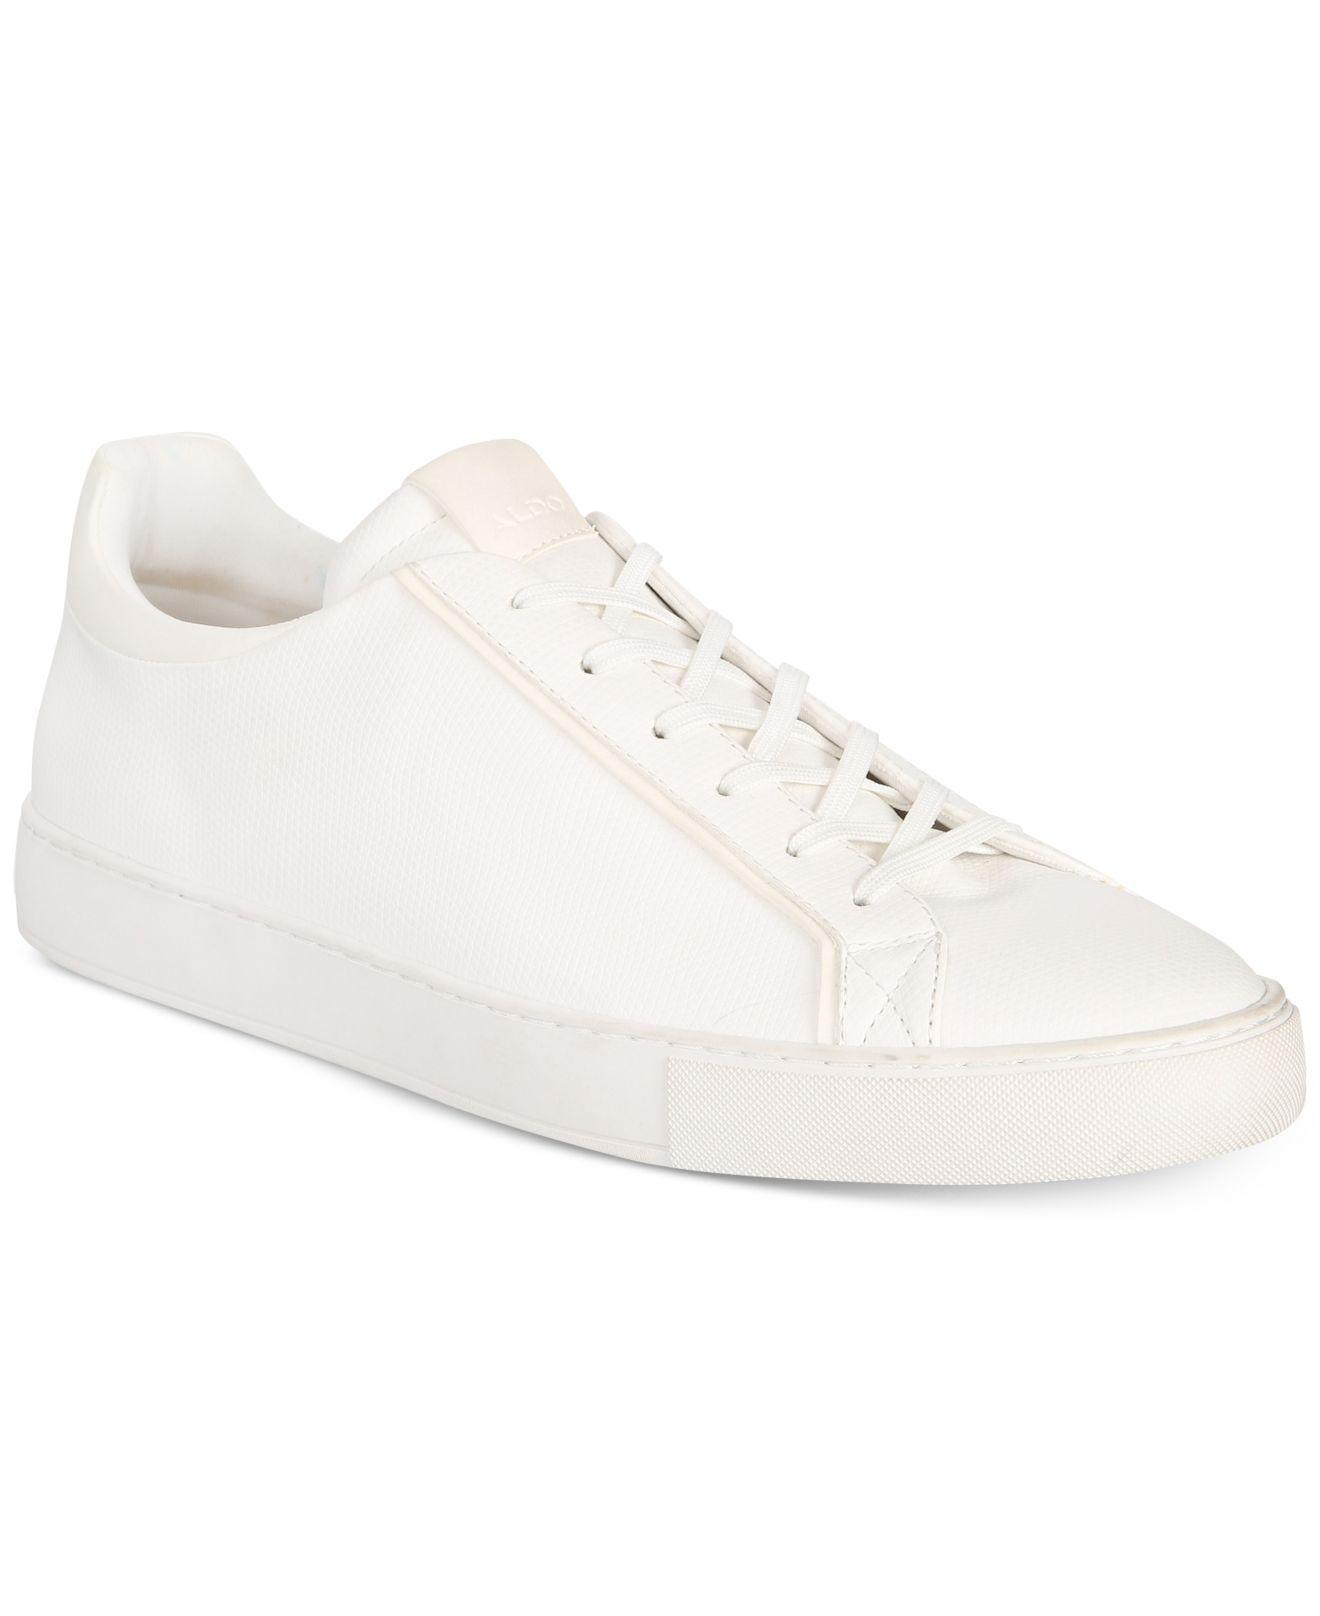 ALDO Armanti Low Top Sneakers in White